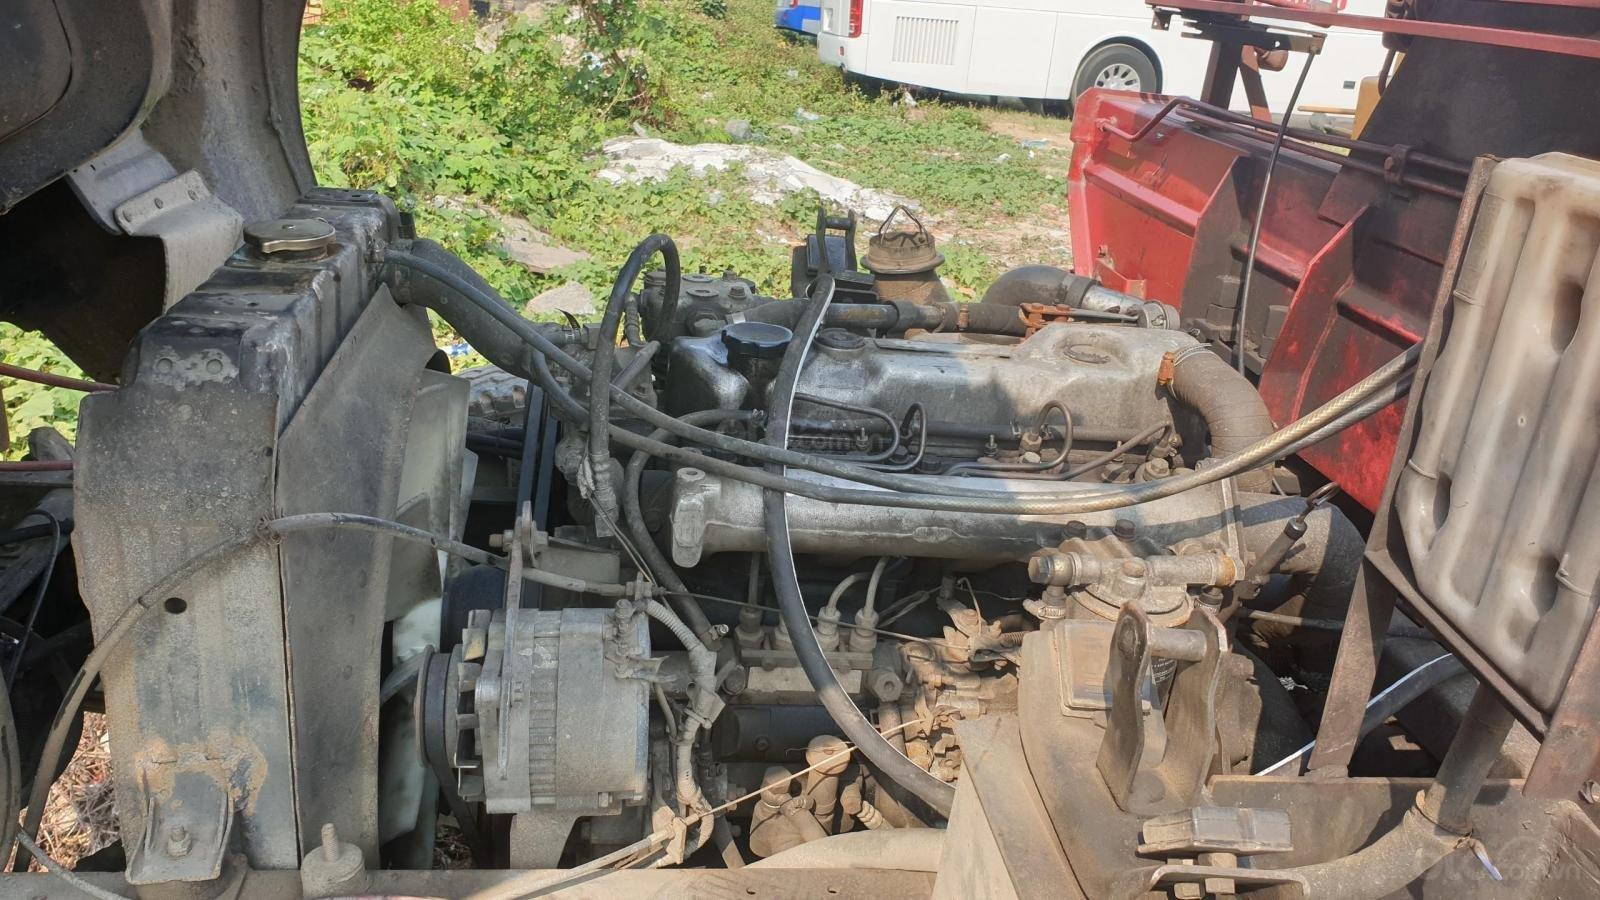 Thanh lý xe cứu hộ giao thông có cẩu 2011, giá 450tr (3)